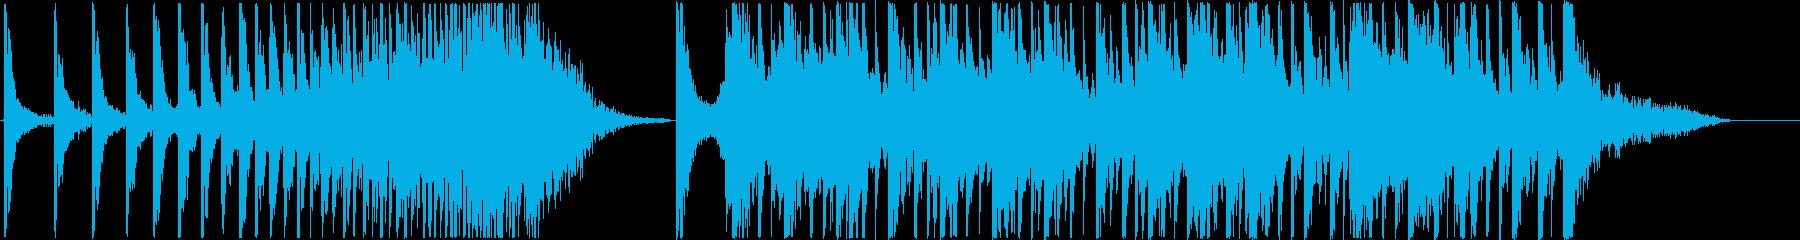 和太鼓を使用した緊迫感のあるBGMです。の再生済みの波形